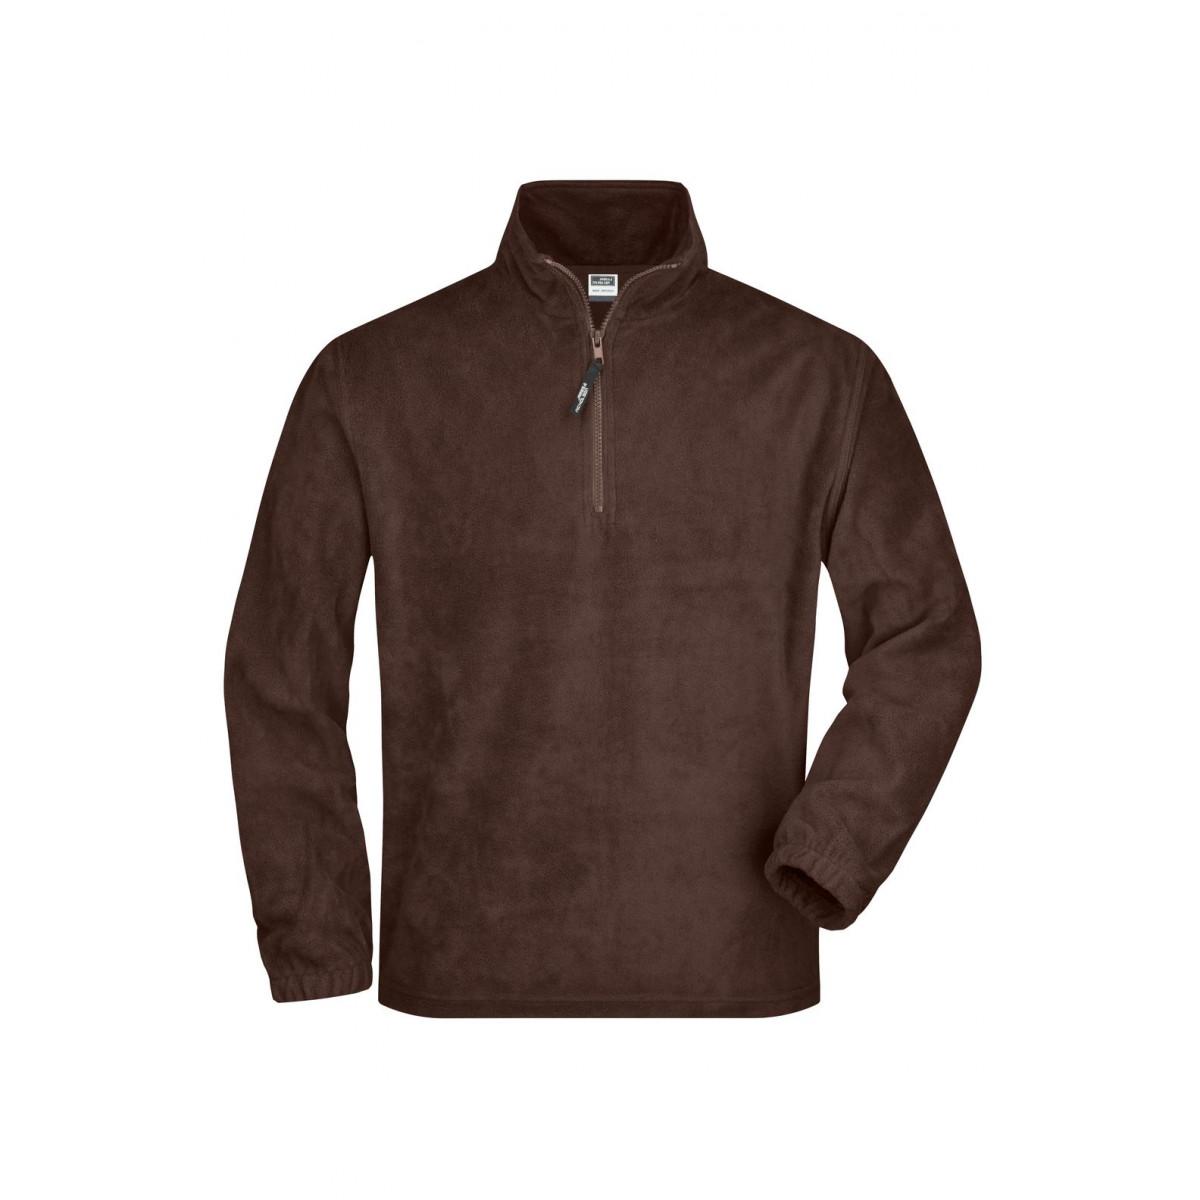 Толстовка мужская JN043 Half-Zip Fleece - Коричневый